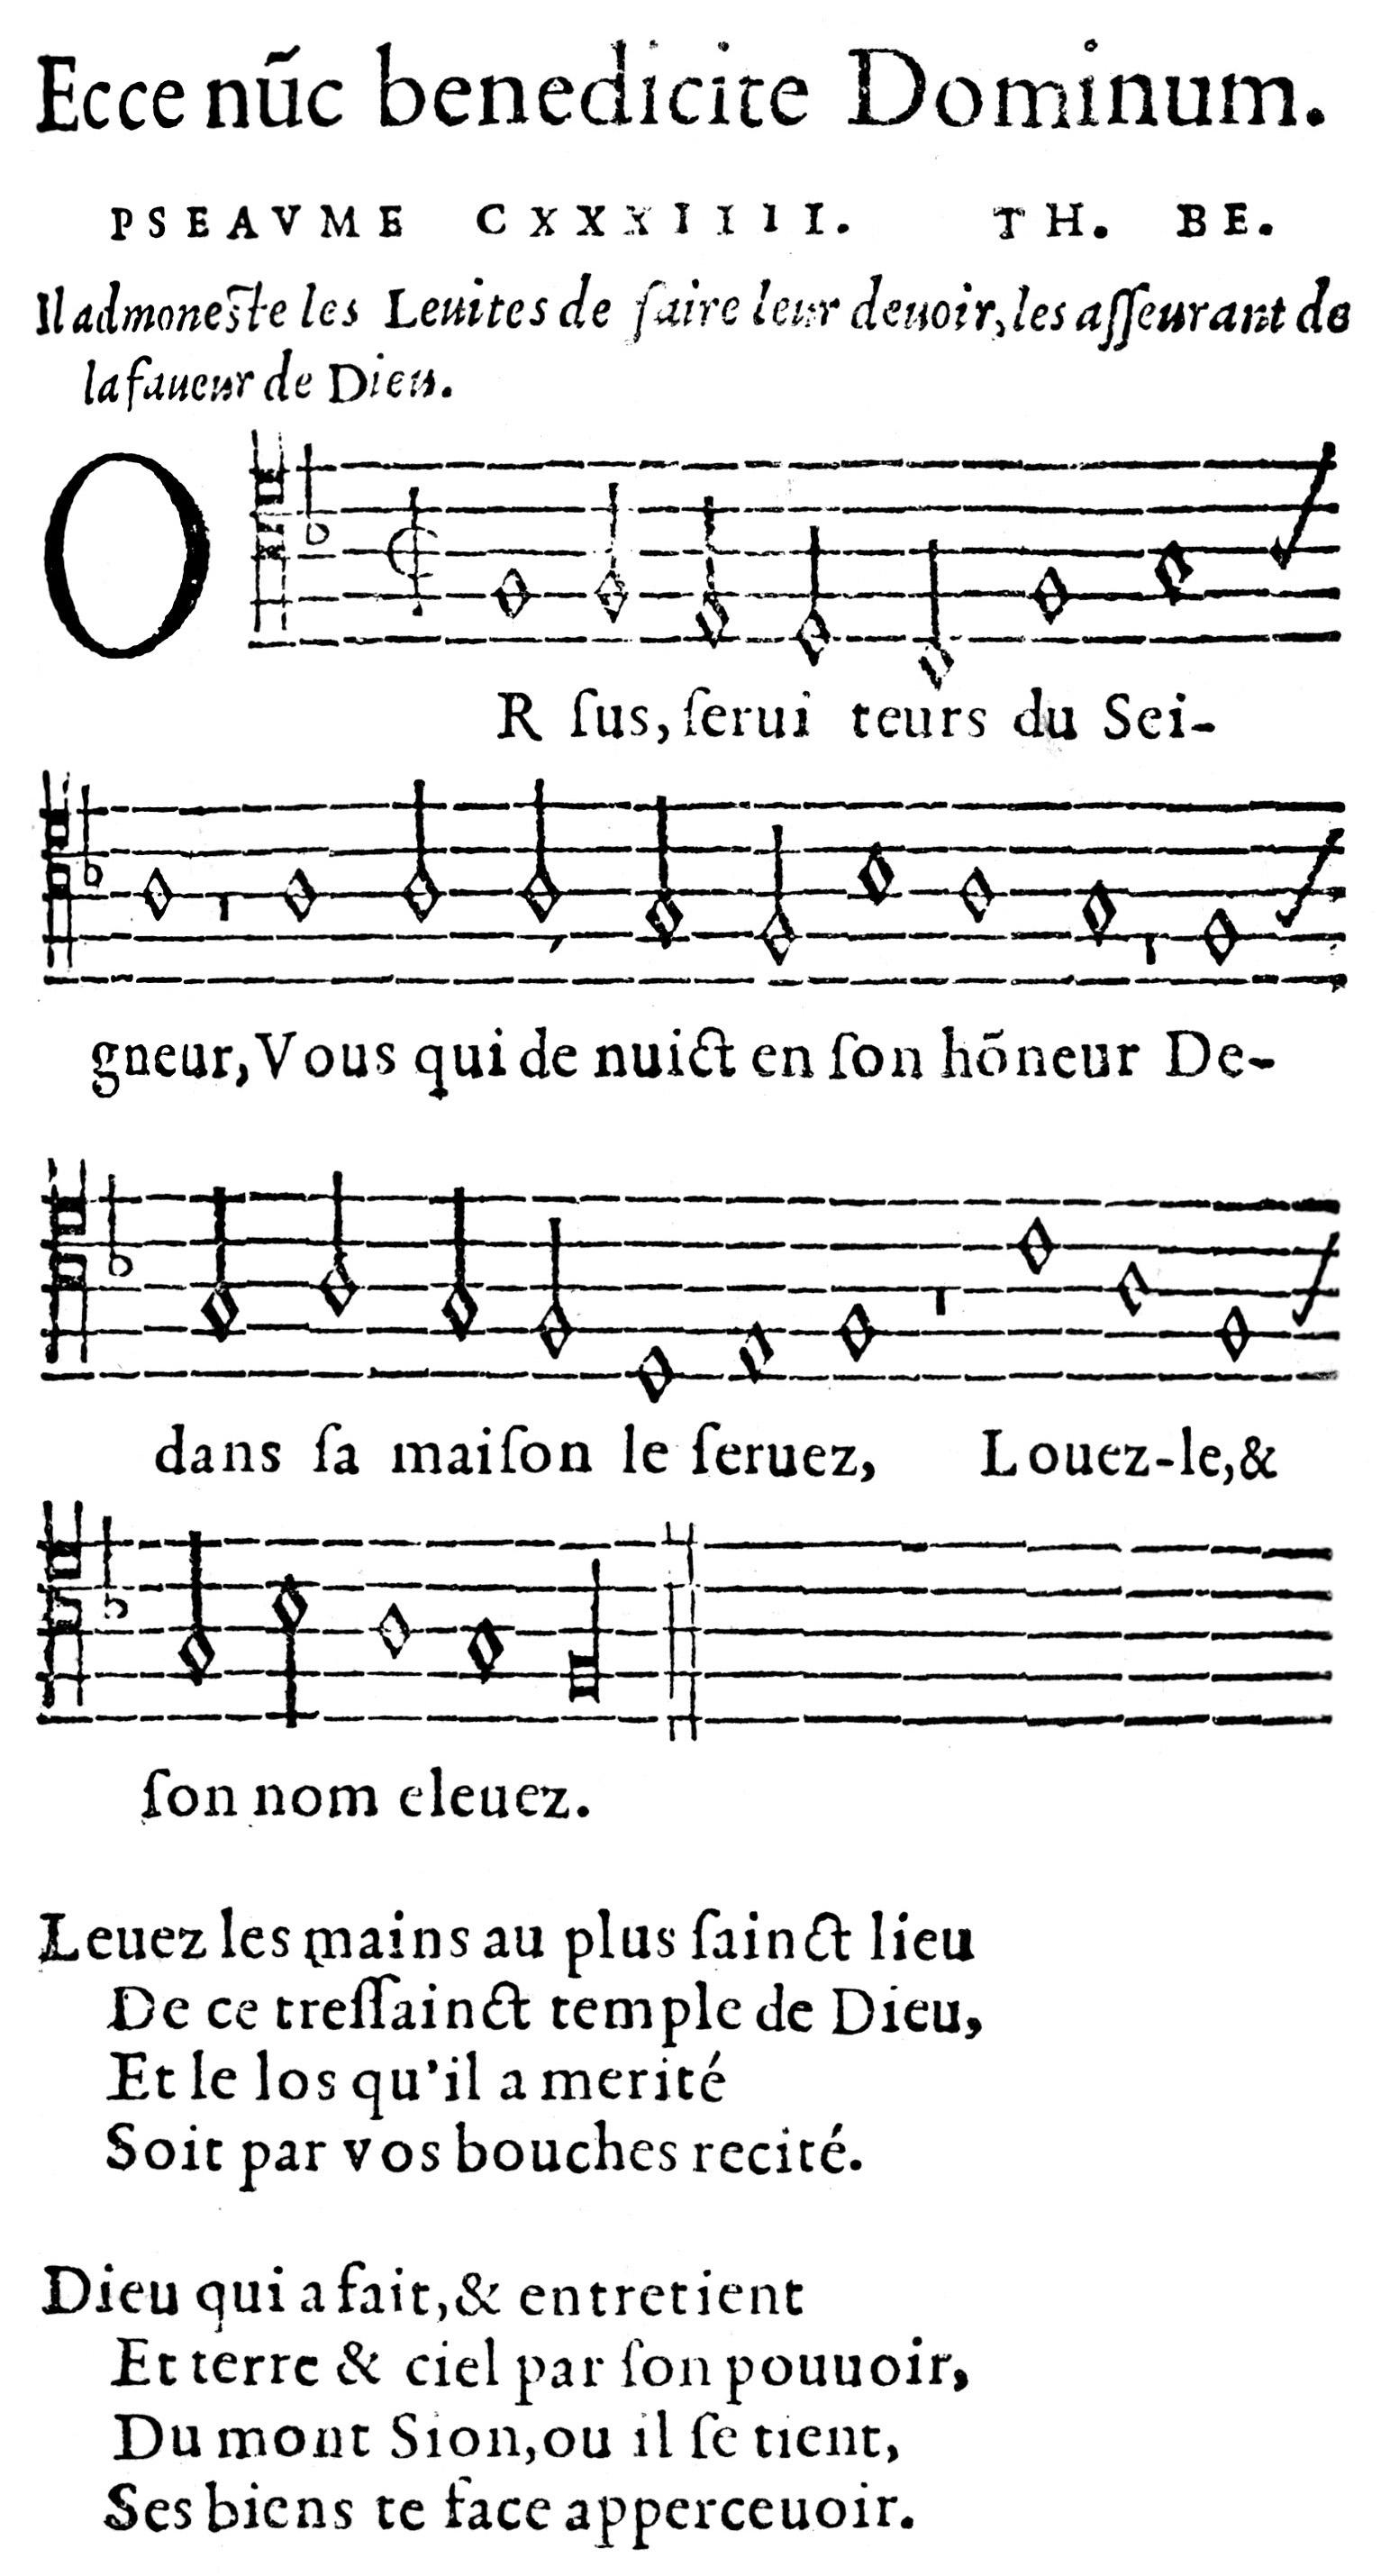 Fig. 3.   Pseavmes octantetrois de Dauid  (Geneva, 1551).